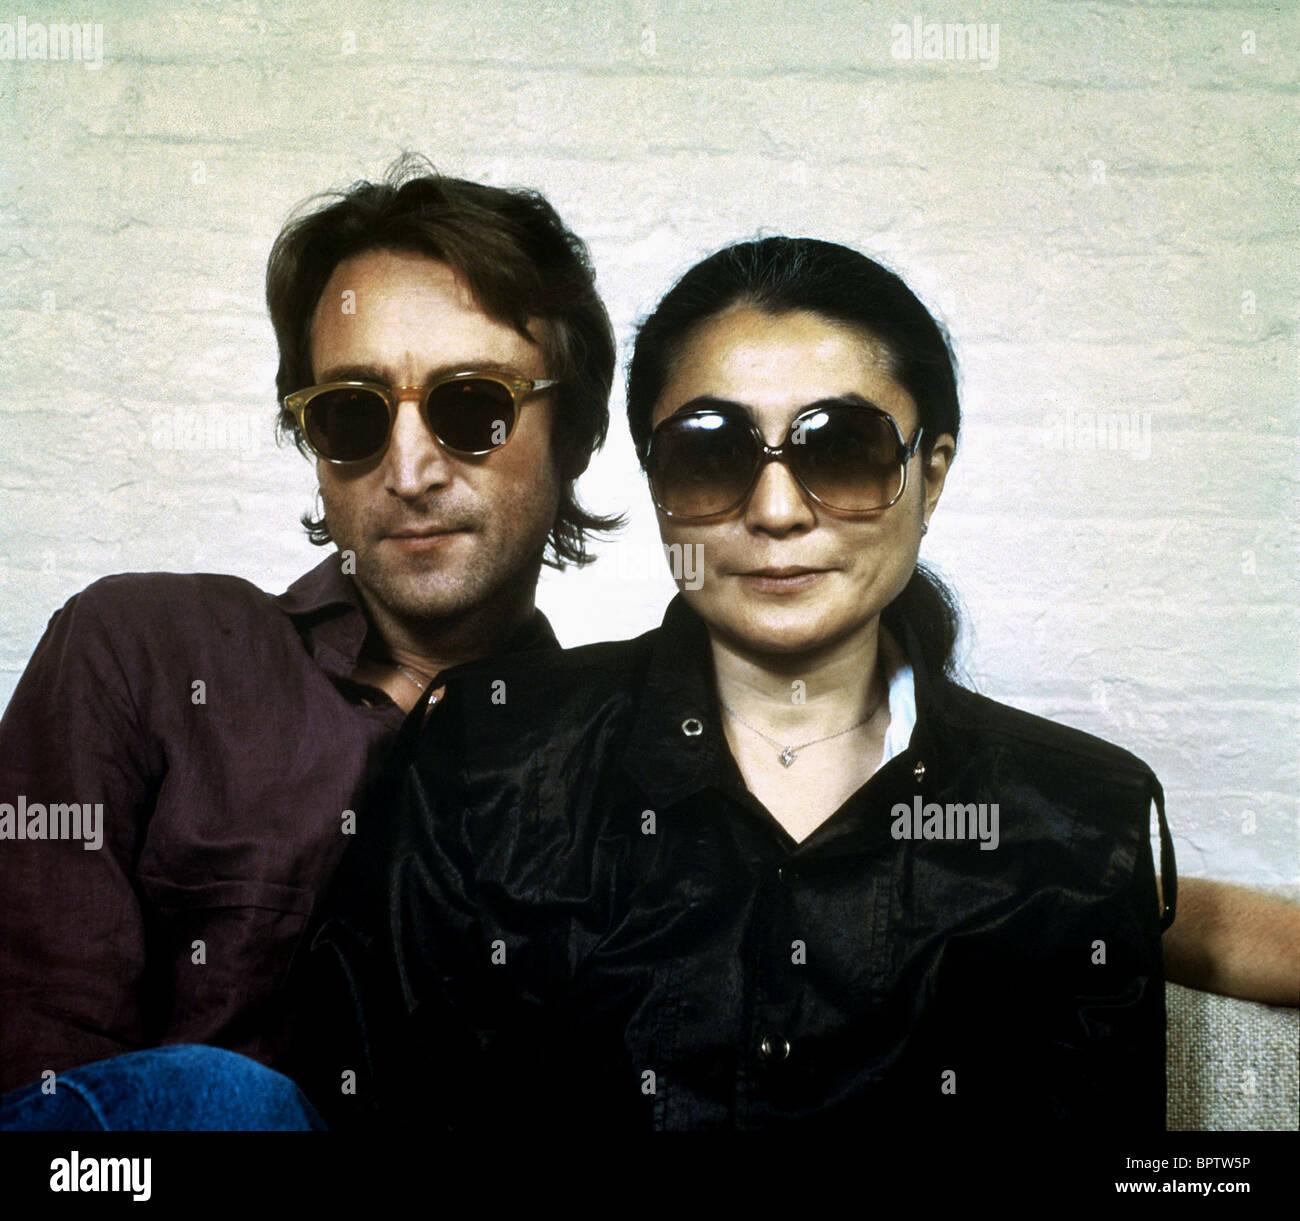 John Lennon Sunglasses Stockfotos & John Lennon Sunglasses Bilder ...